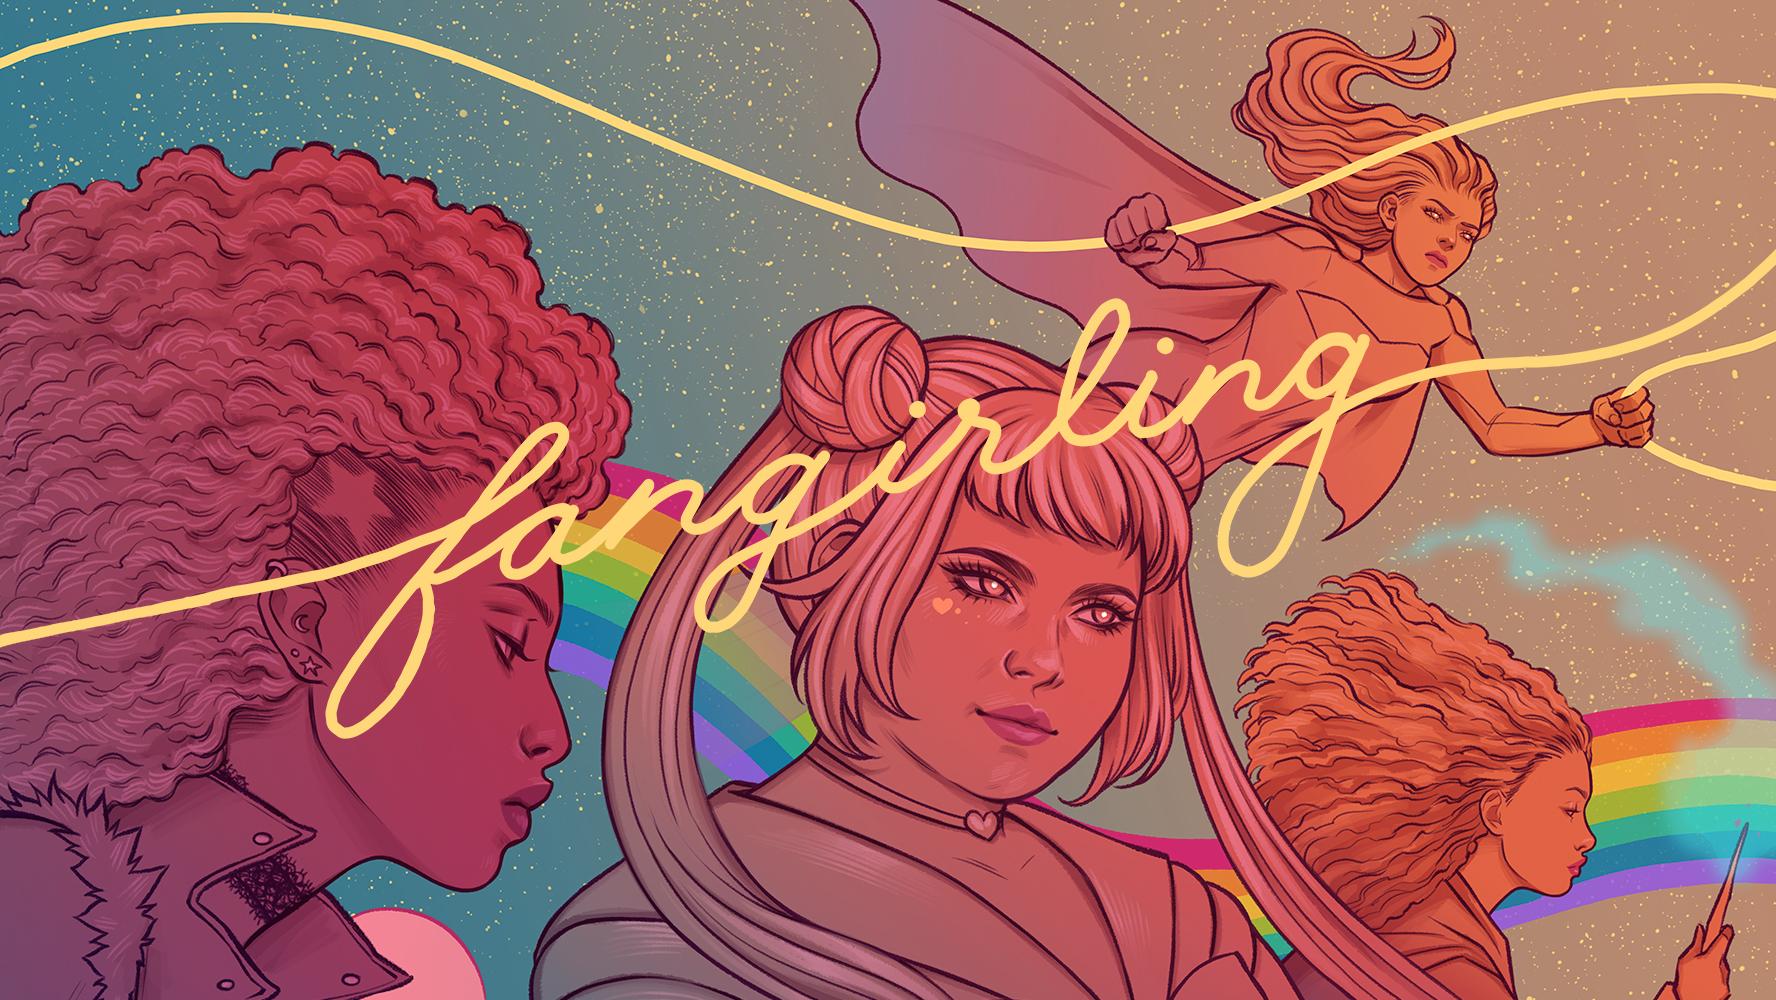 Fangirling Art by Jen Bartel